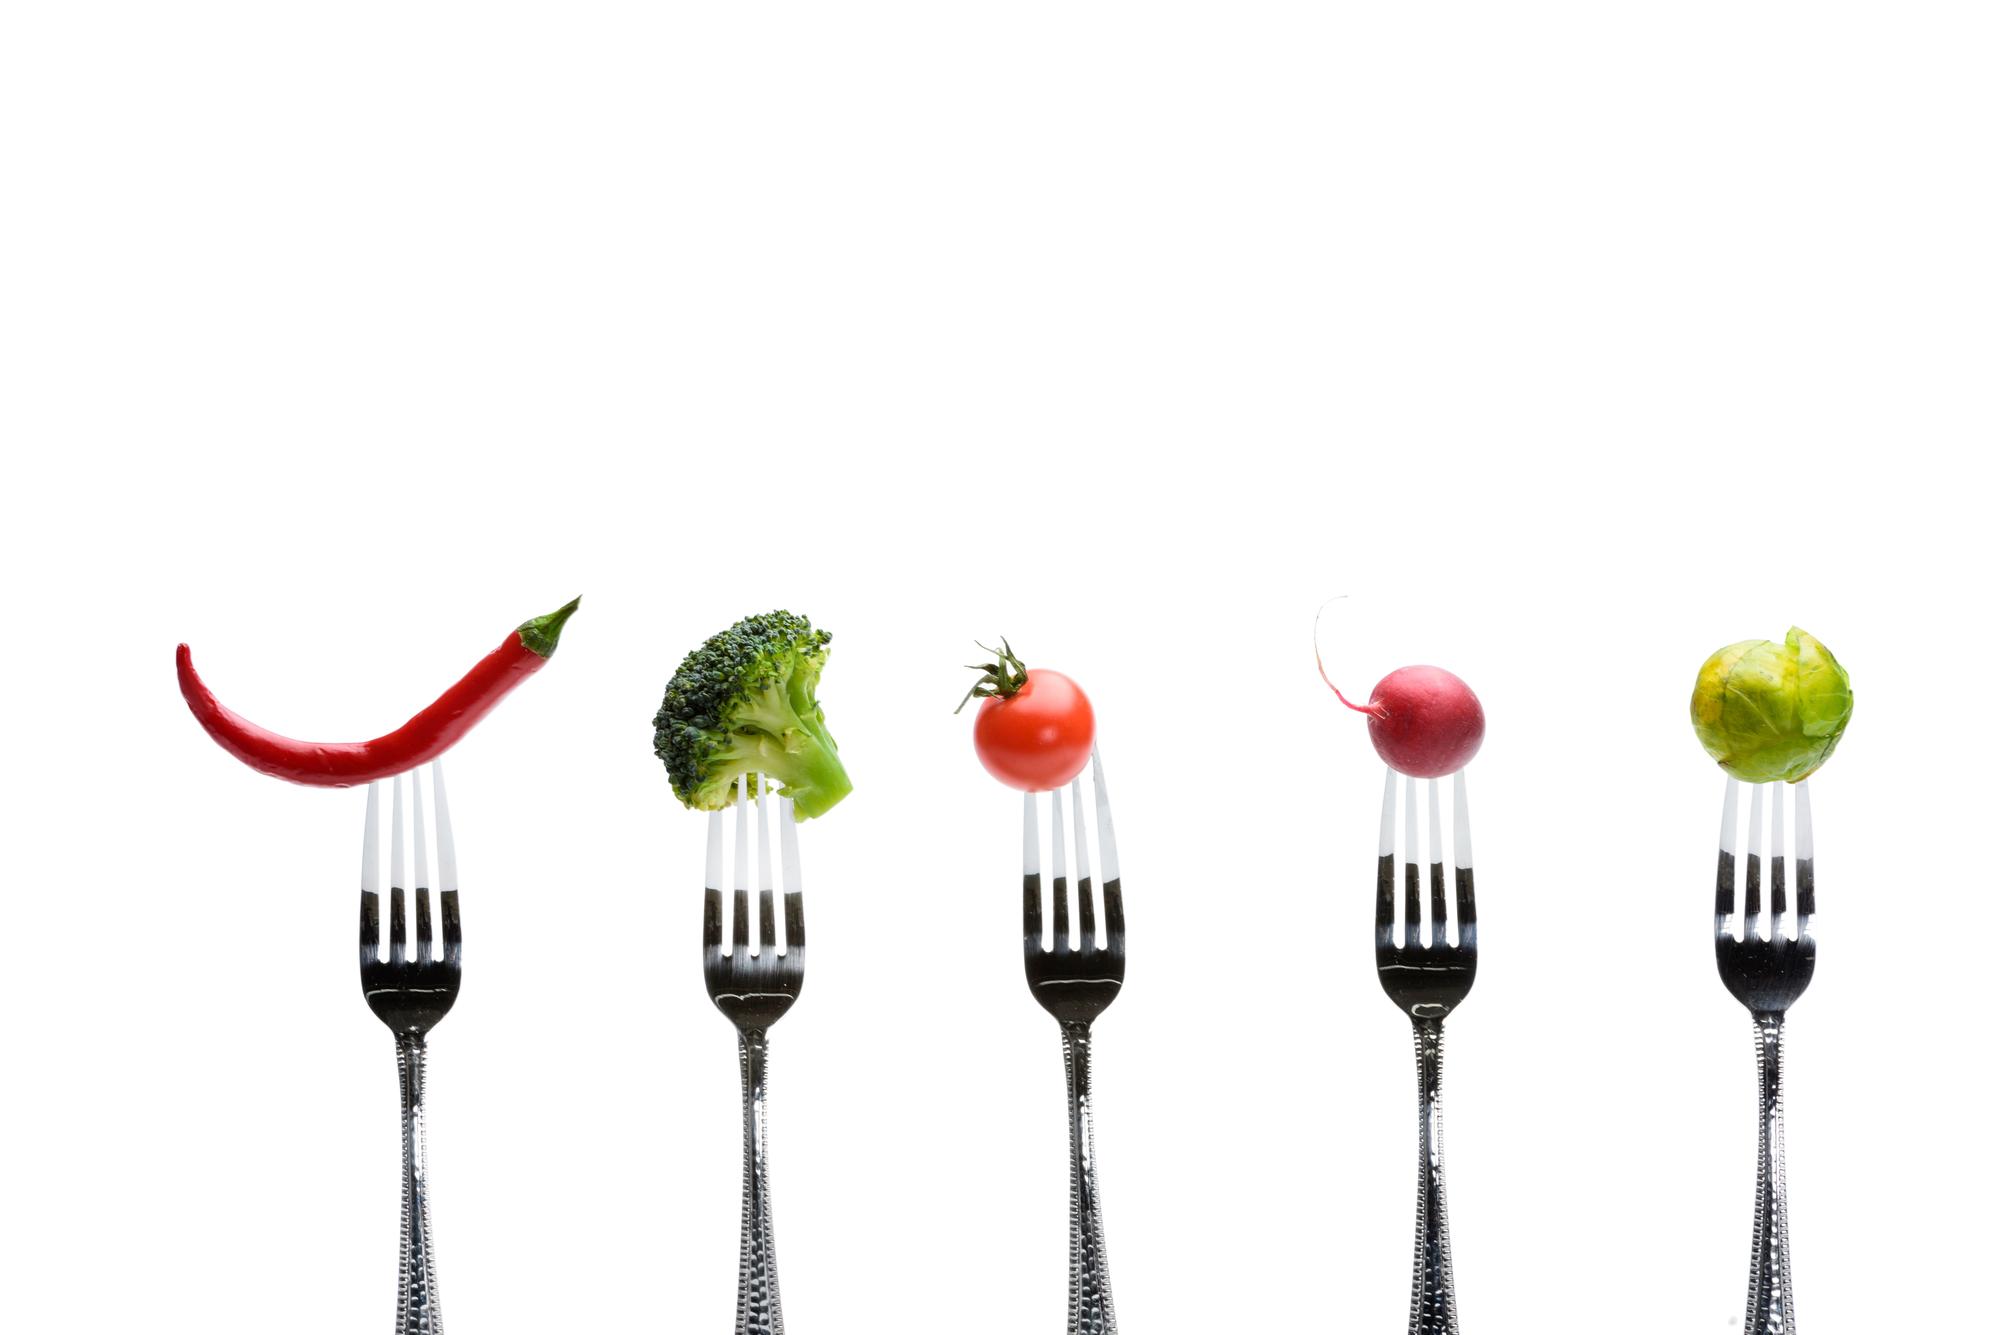 Ontstaan ontstekingen in mond door voeding